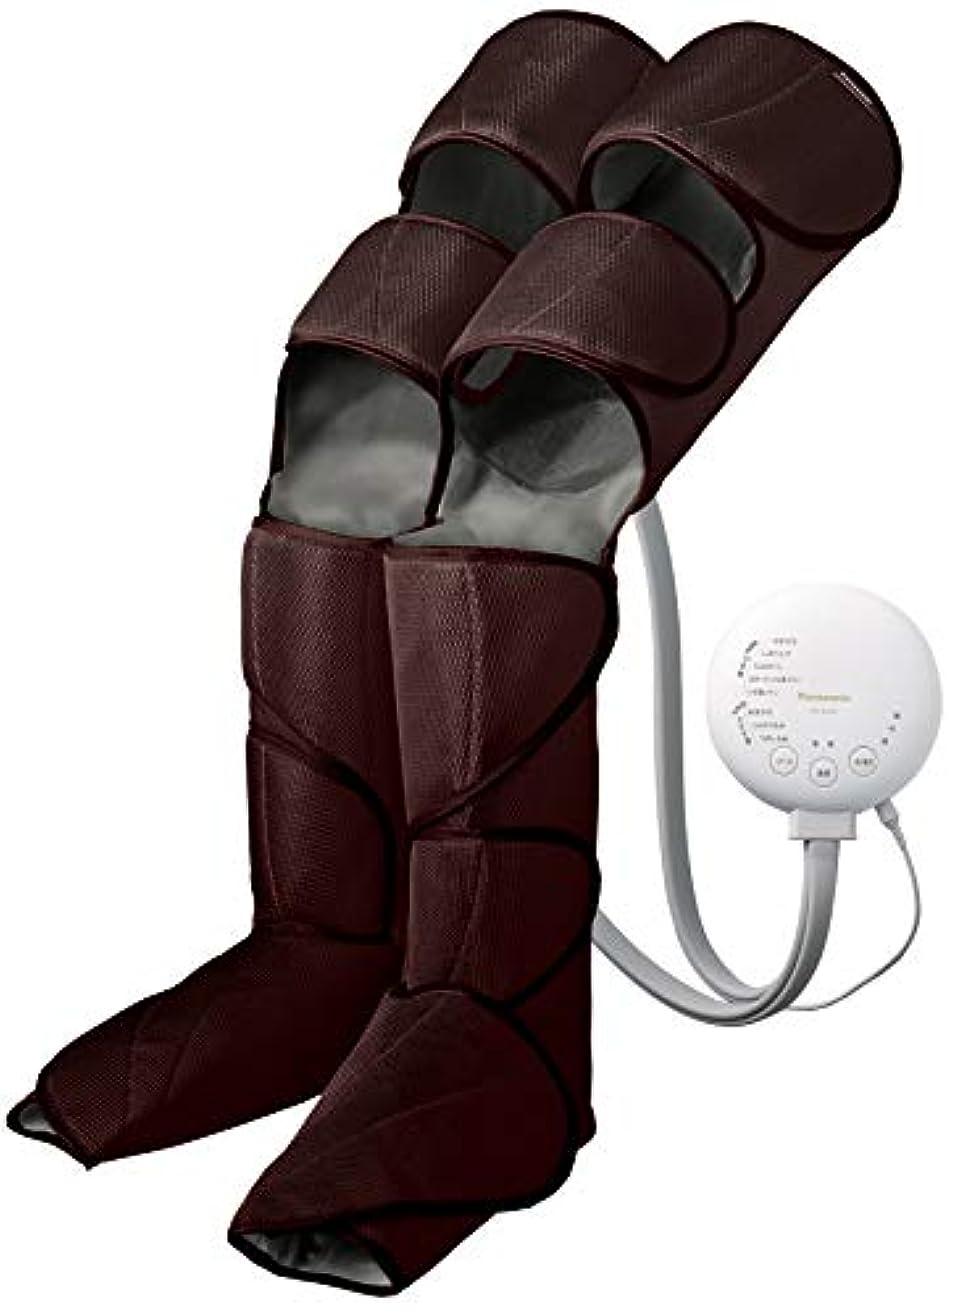 セットアップる掃くパナソニック エアーマッサージャー レッグリフレ ひざ/太もも巻き対応 温感機能搭載 ダークブラウン EW-RA98-T